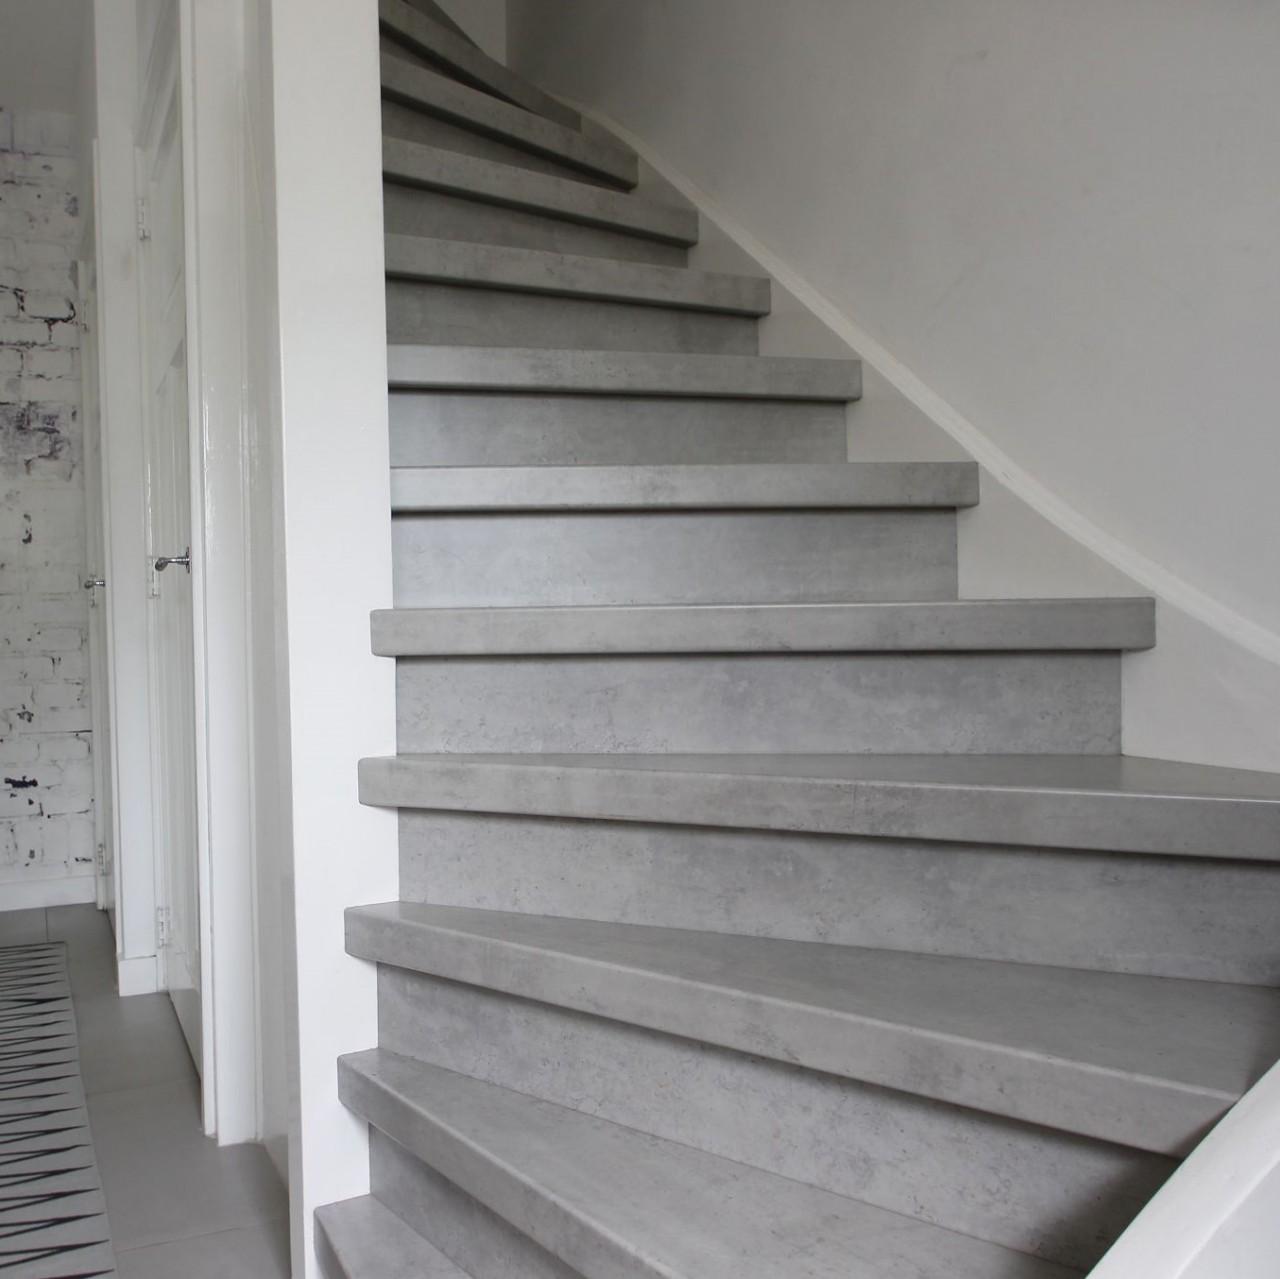 nieuwe betonvloer in rotterdam 4expats